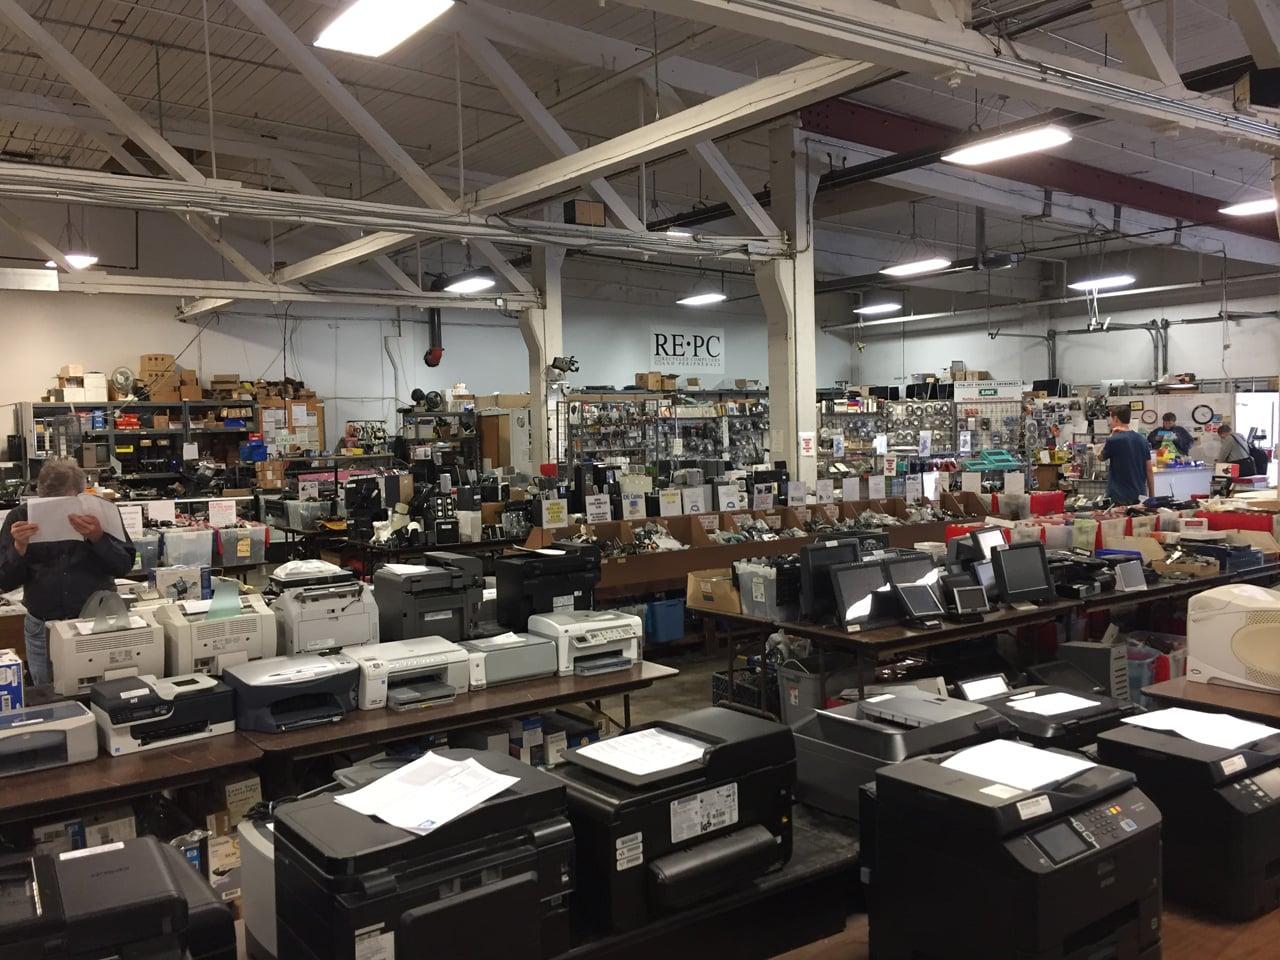 Křemíkové nebe RE-PC: prodejna starých počítačů v Seattlu